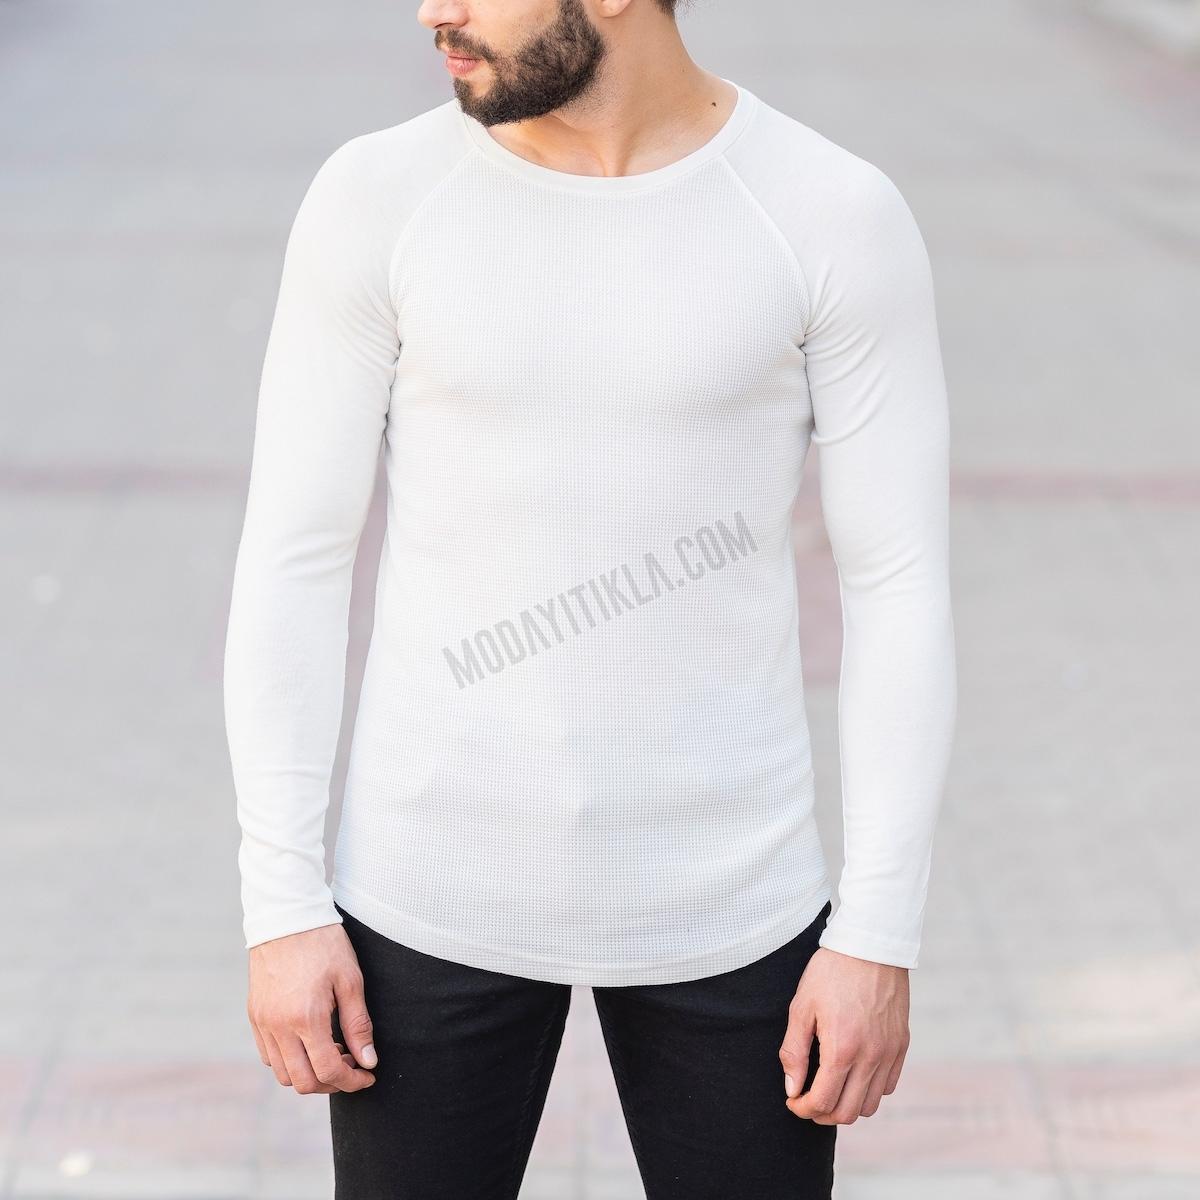 Erkek Gövdesi İşlemeli Detaylı Beyaz Sweatshirt